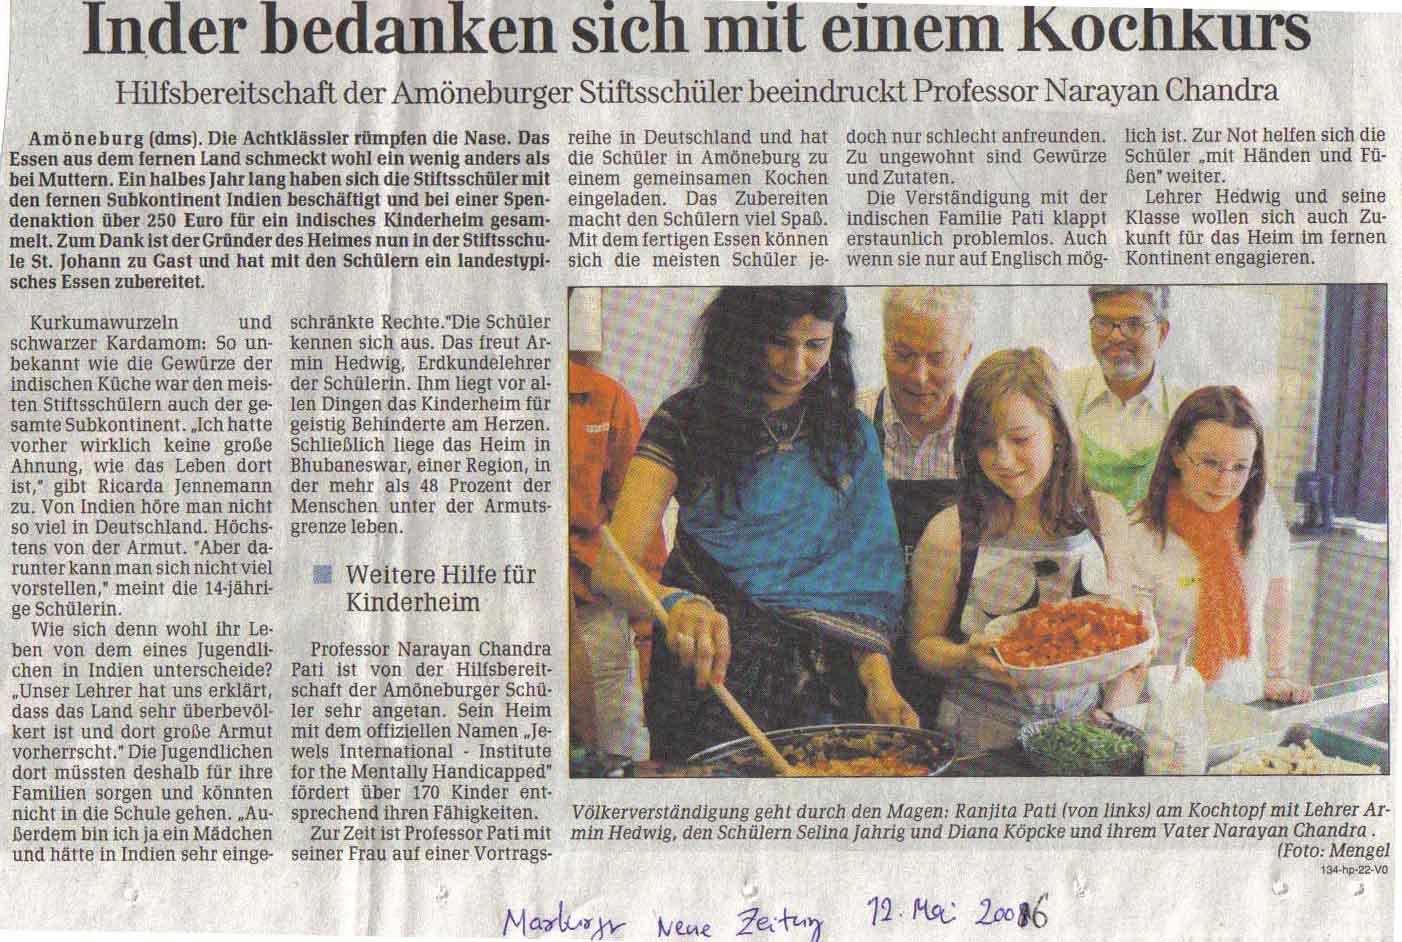 marburger_neue_zeitung_16-0